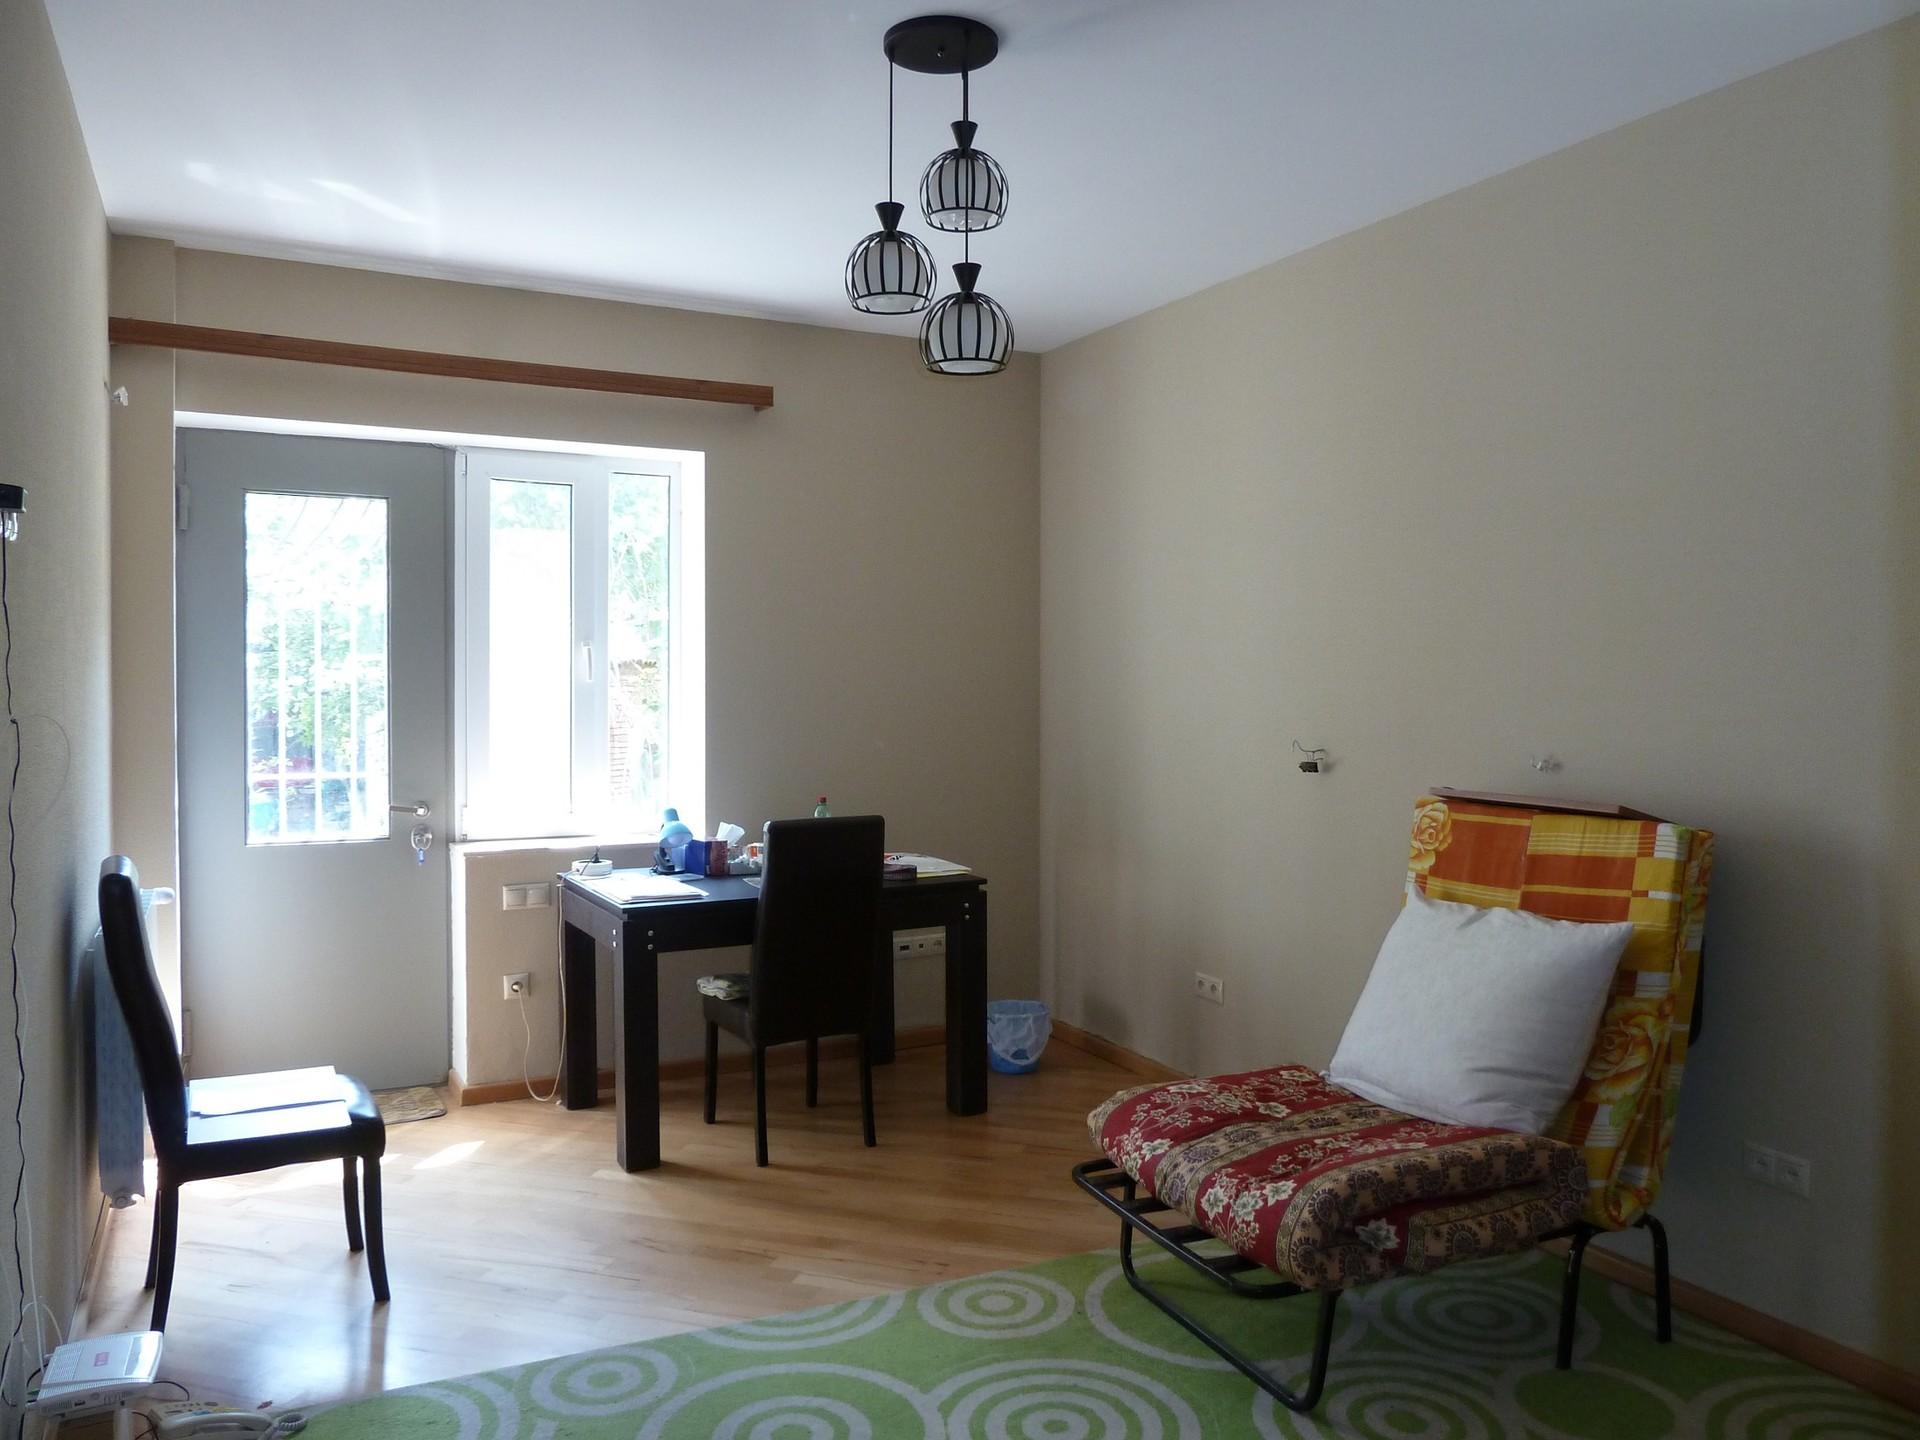 Einzimmerwohnung mit Küche und WC/Dusche   Einzimmerwohnungen zu ...